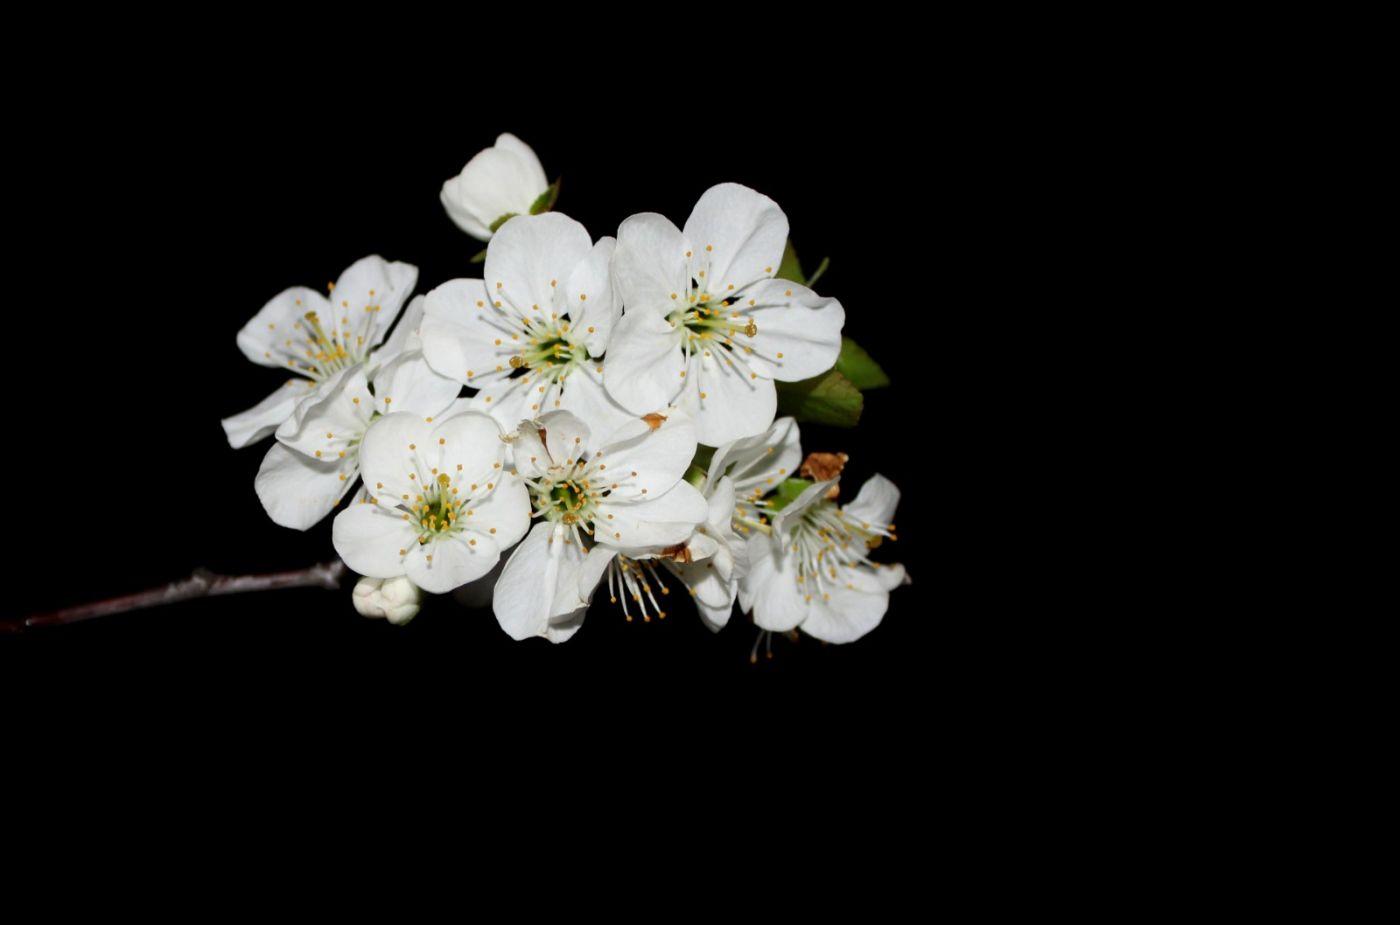 欧洲樱桃花开_图1-17